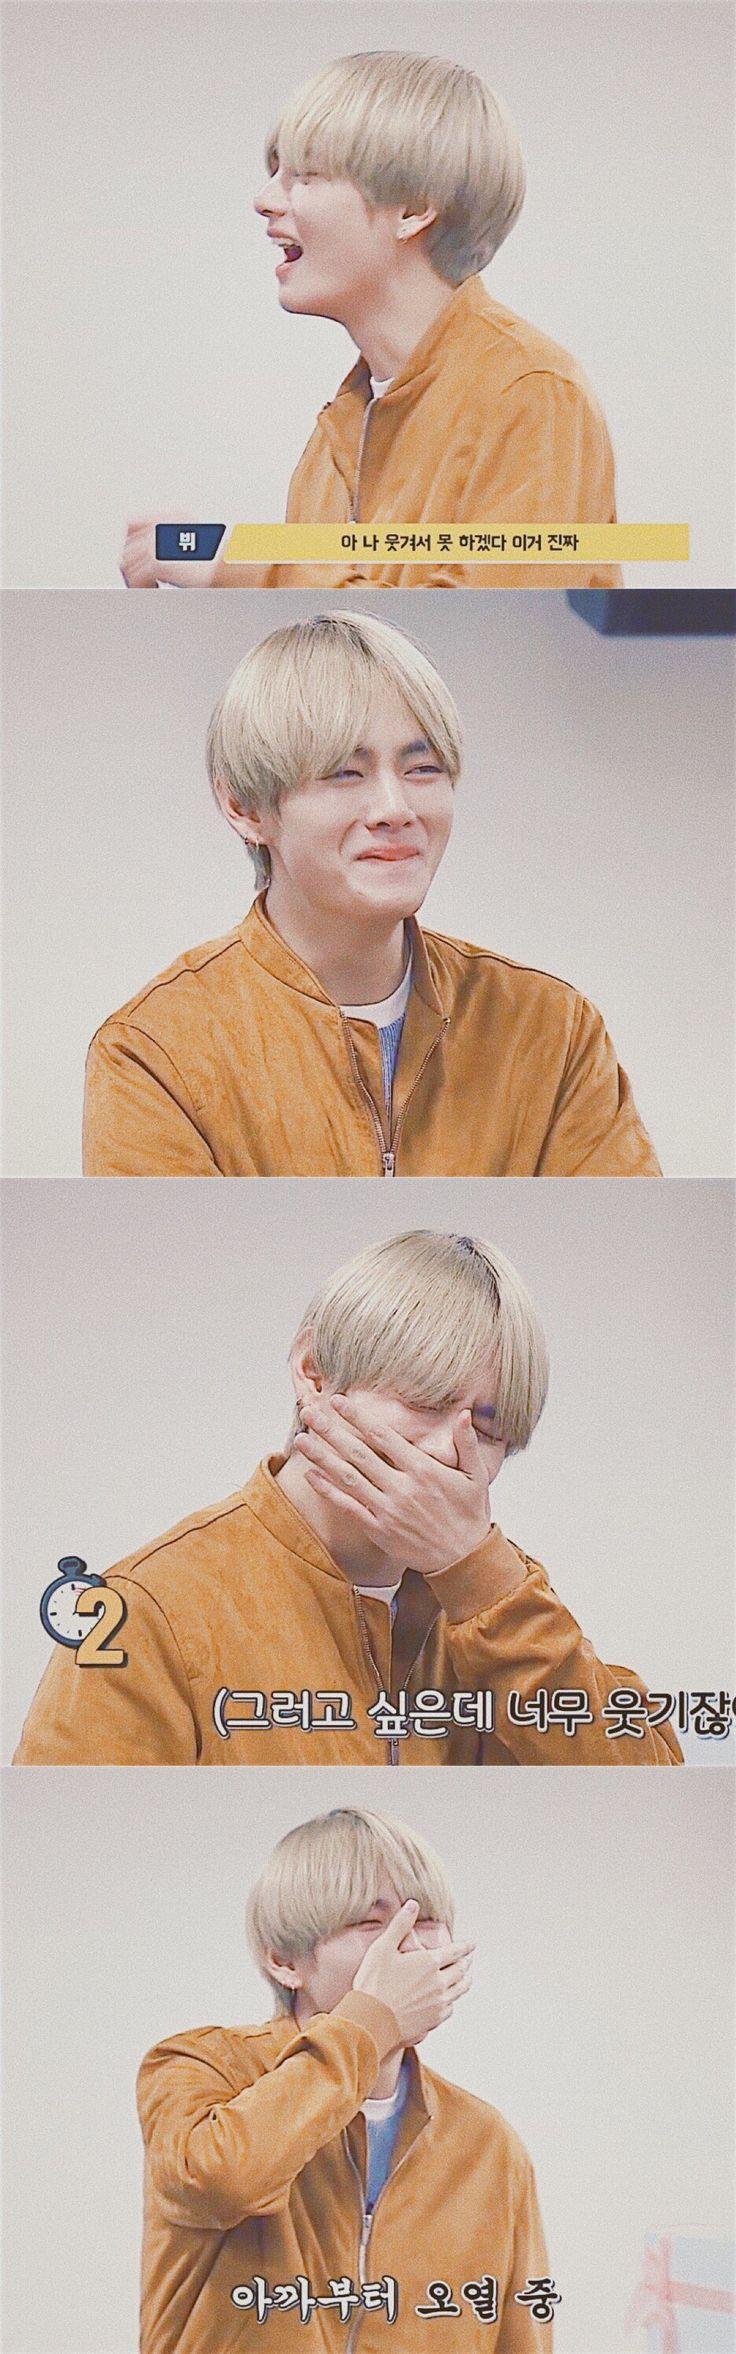 김태형 Kim Taehyung - BTS 방탄소년단 | 2017 Run Episode 33 | 1